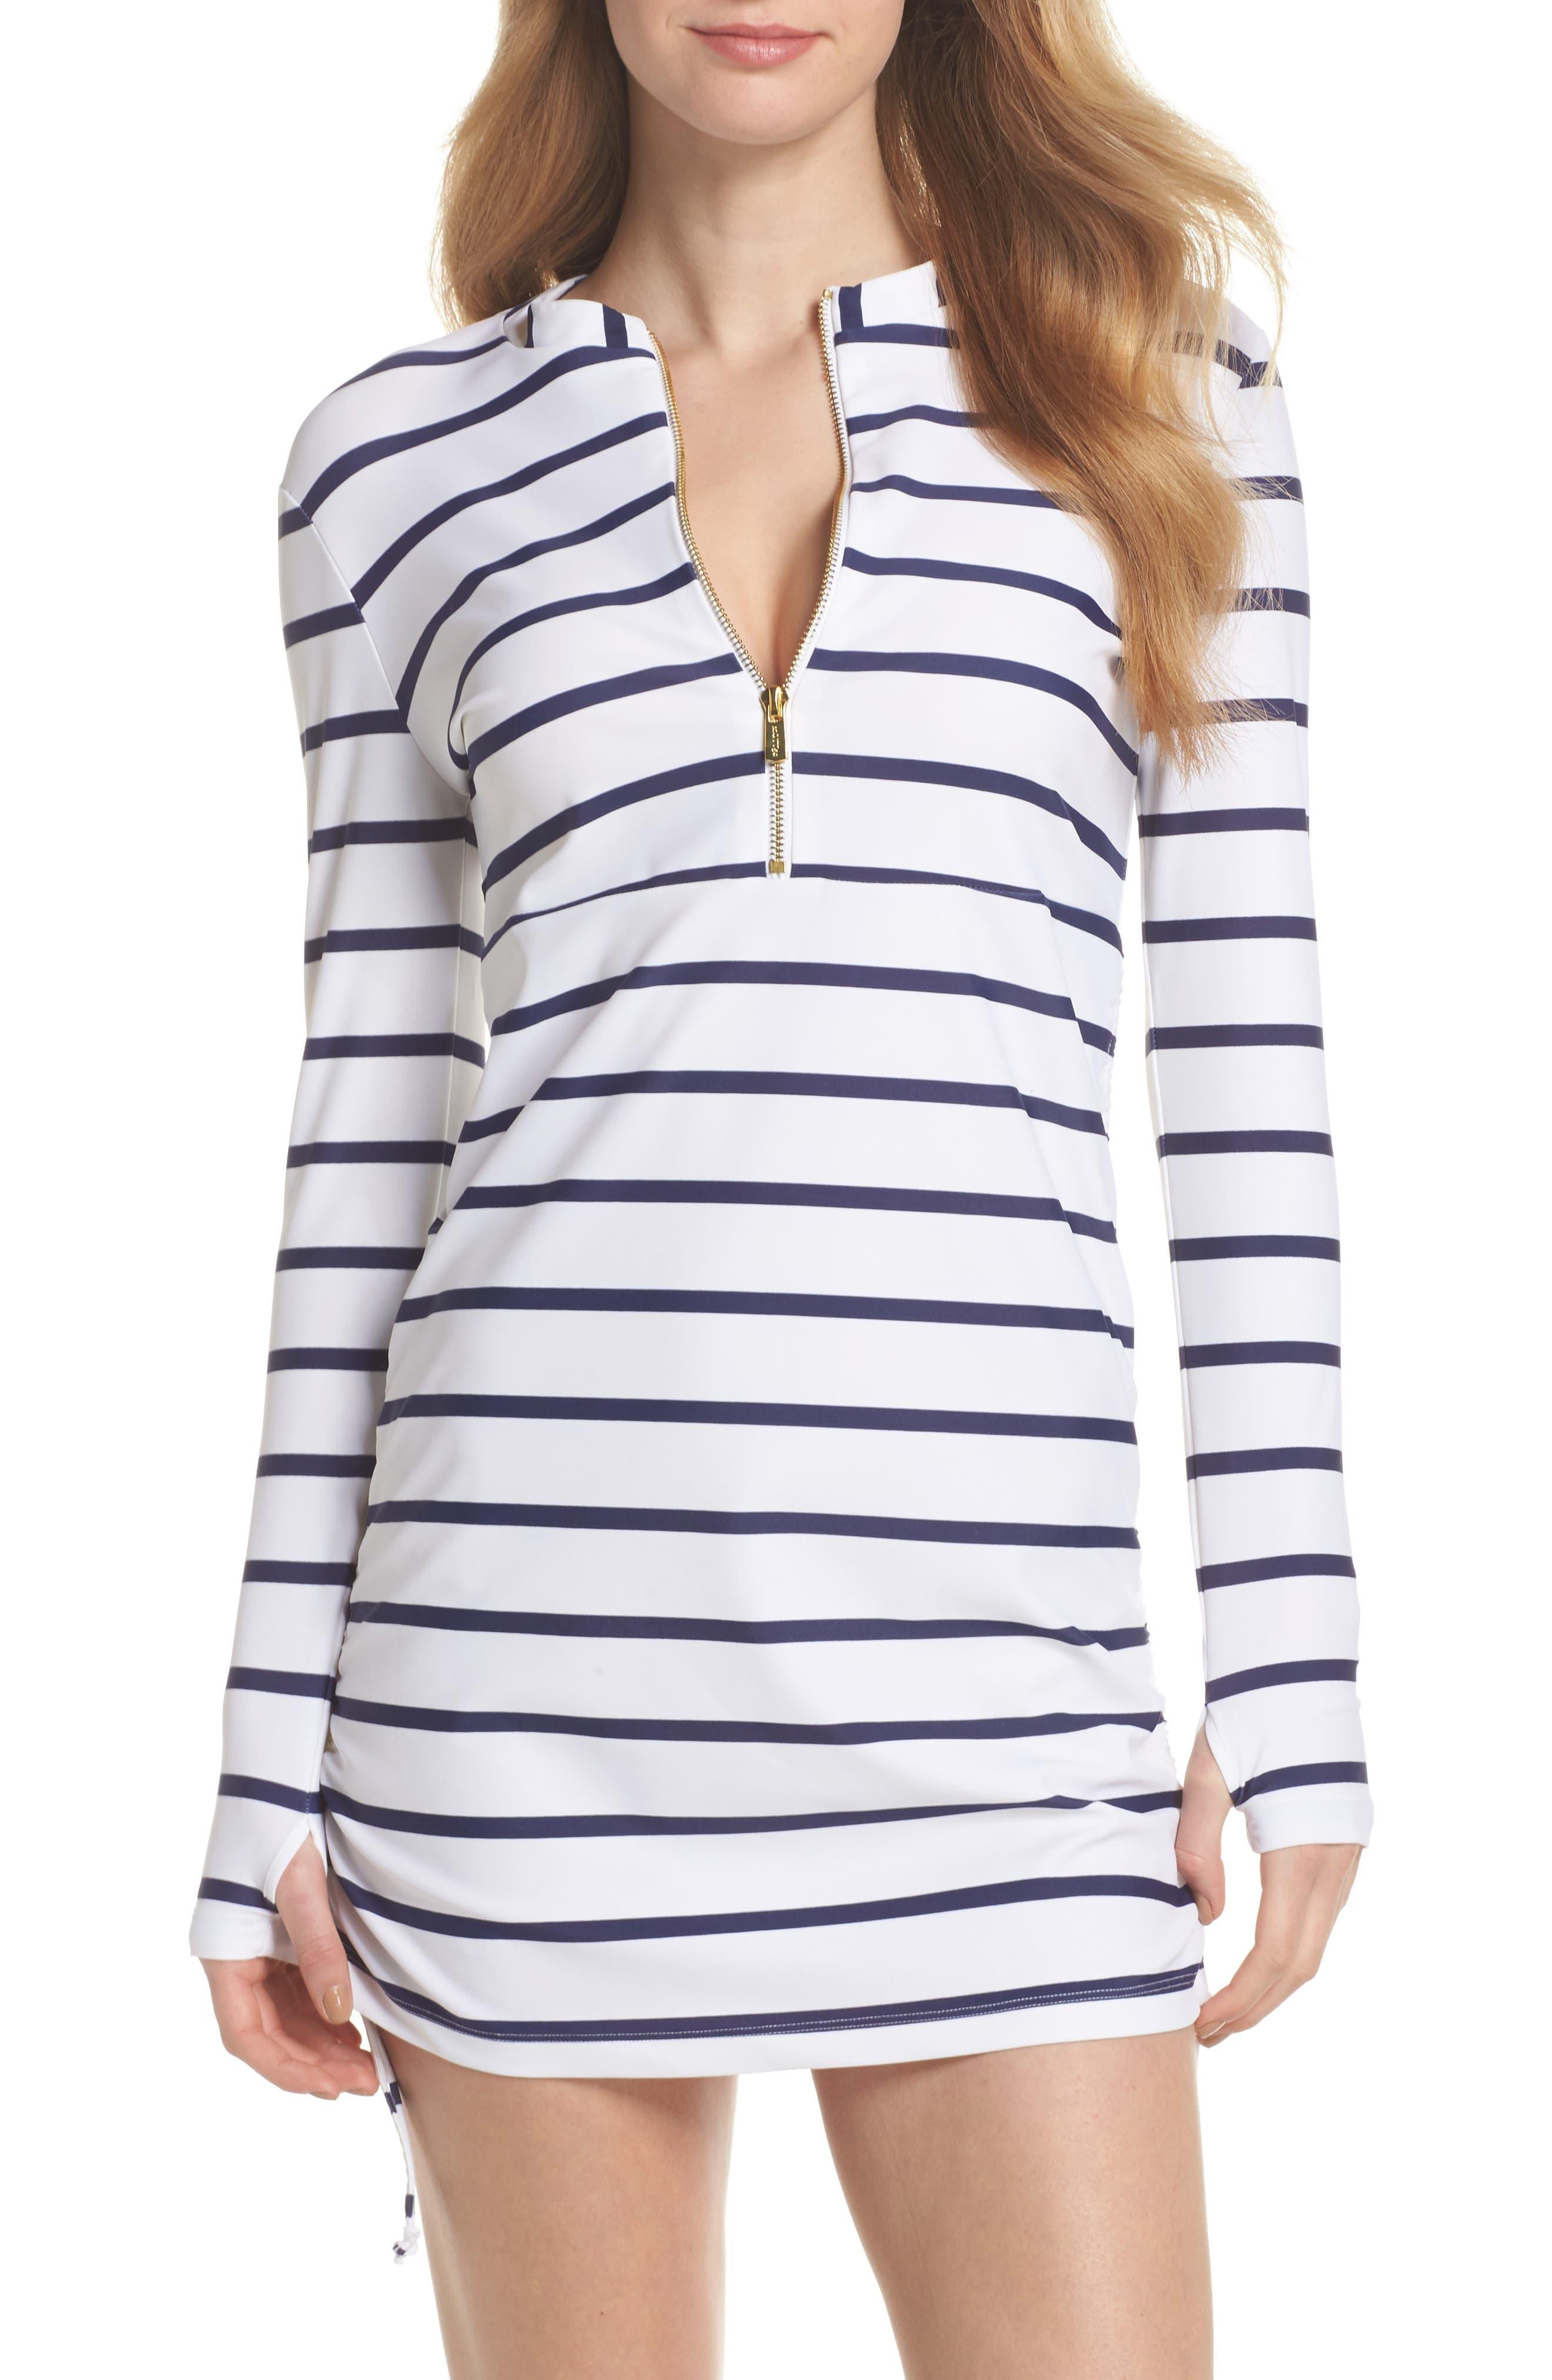 Alternate Image 1 Selected - Mott 50 Sonja Stripe Cover-Up Swim Dress